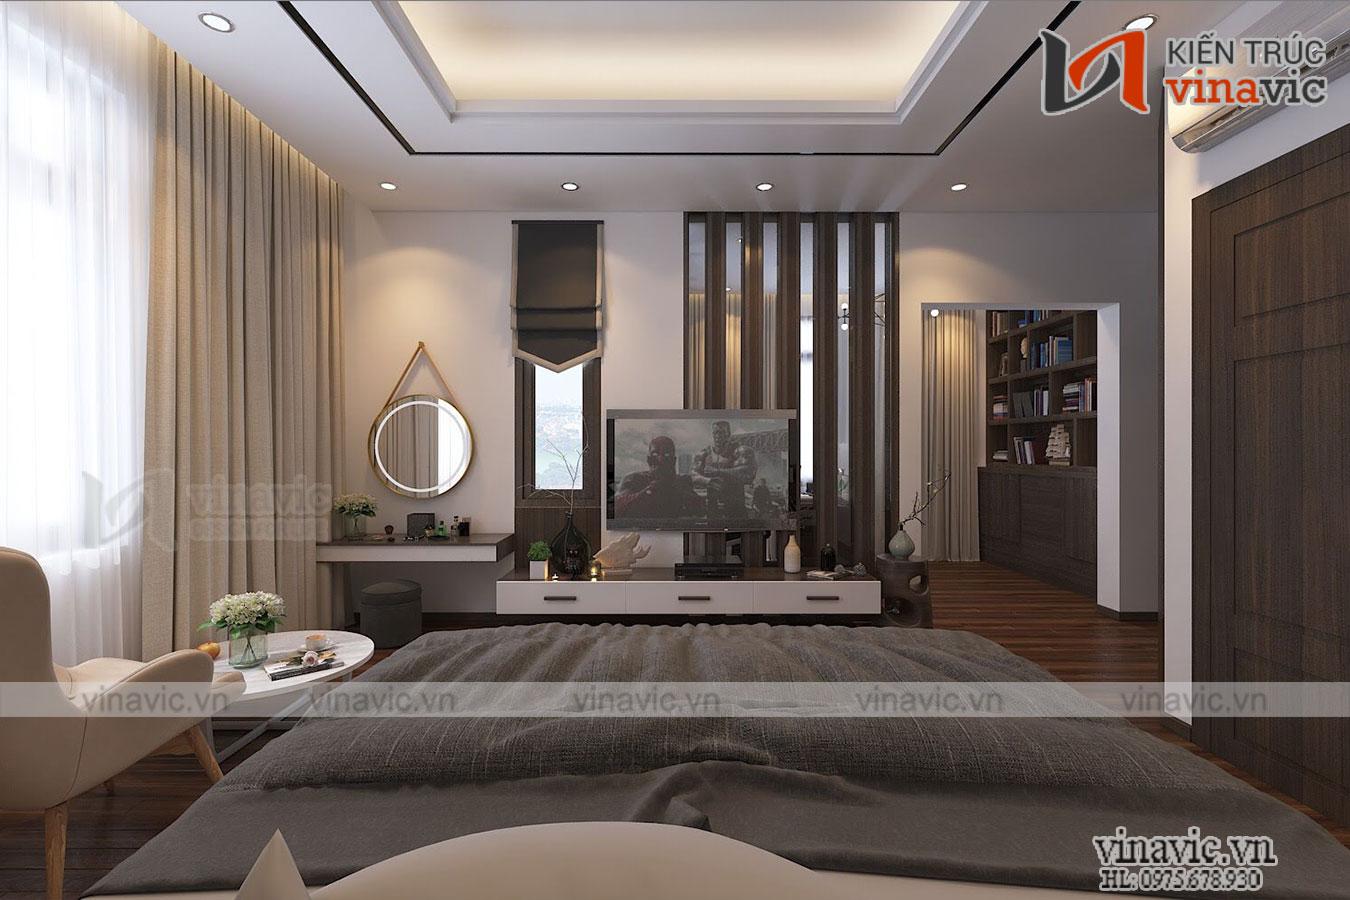 Nhà đẹp 2 tầng mái thái hiện đại nổi bật nhất biển Sầm Sơn BT1911